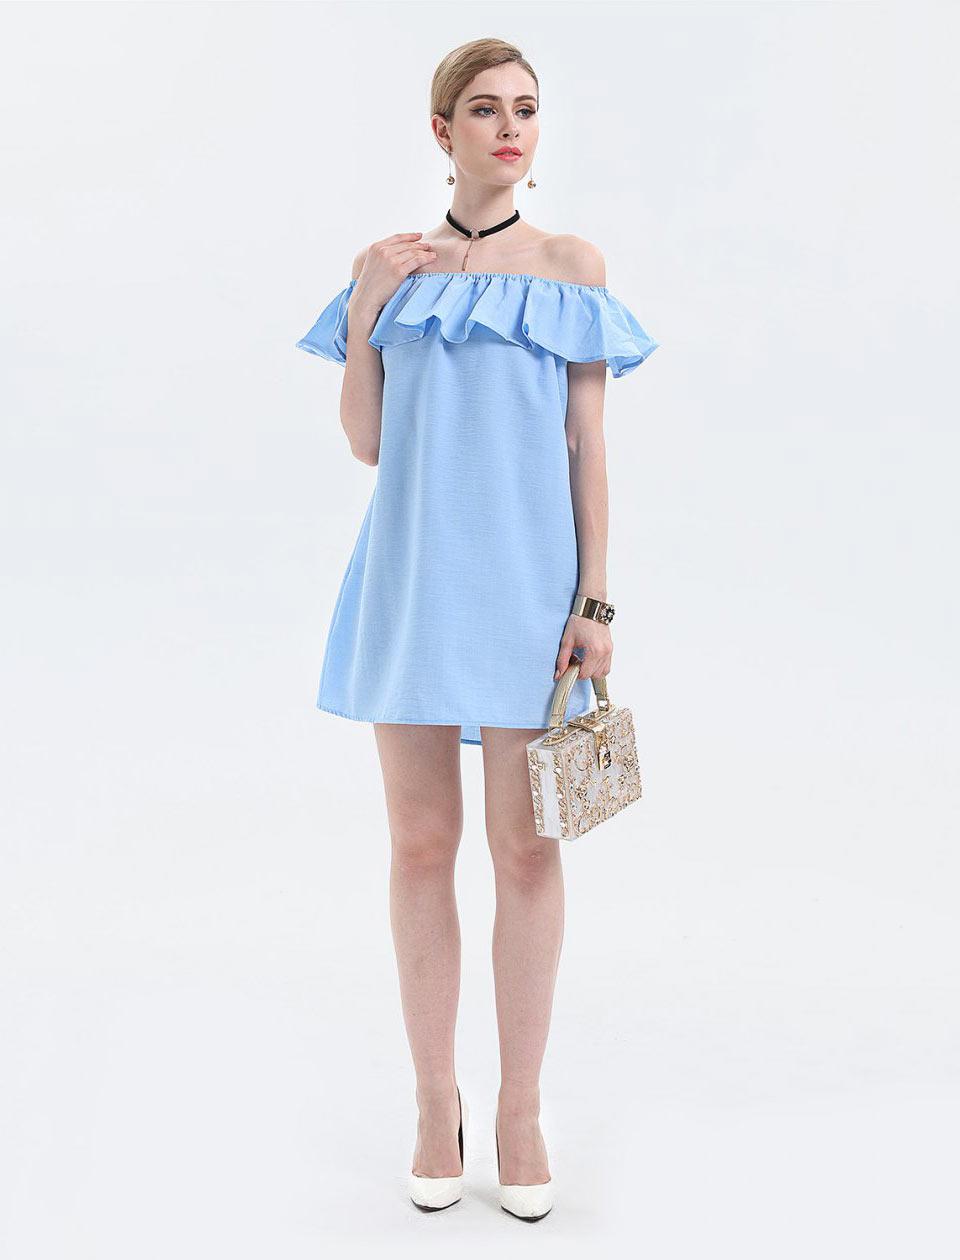 Vestido de verão azul